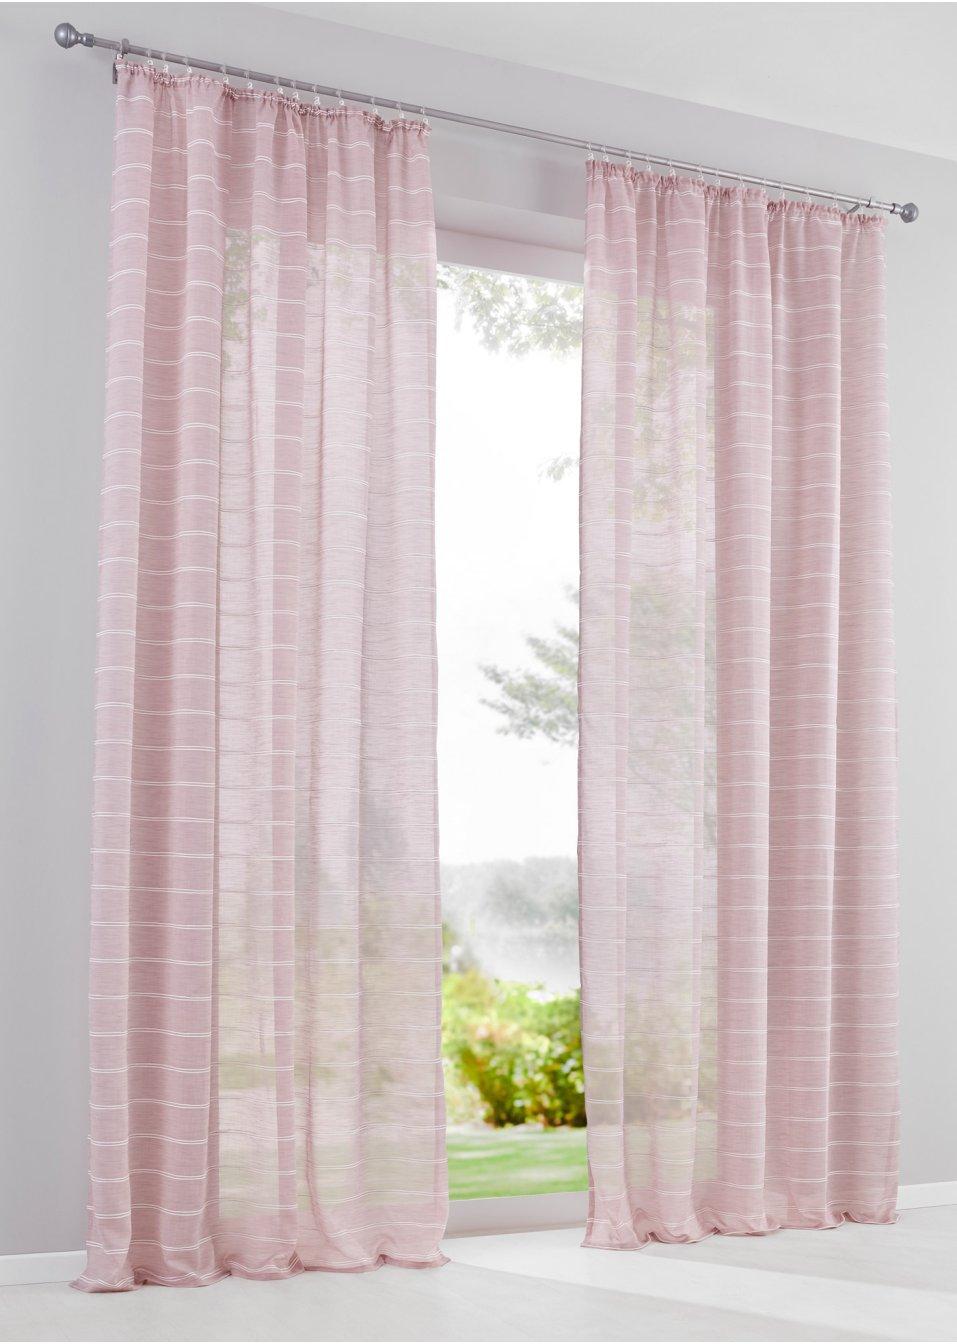 Vorhang sarene 1er pack rosa bpc living online - Bonprix vorhang ...